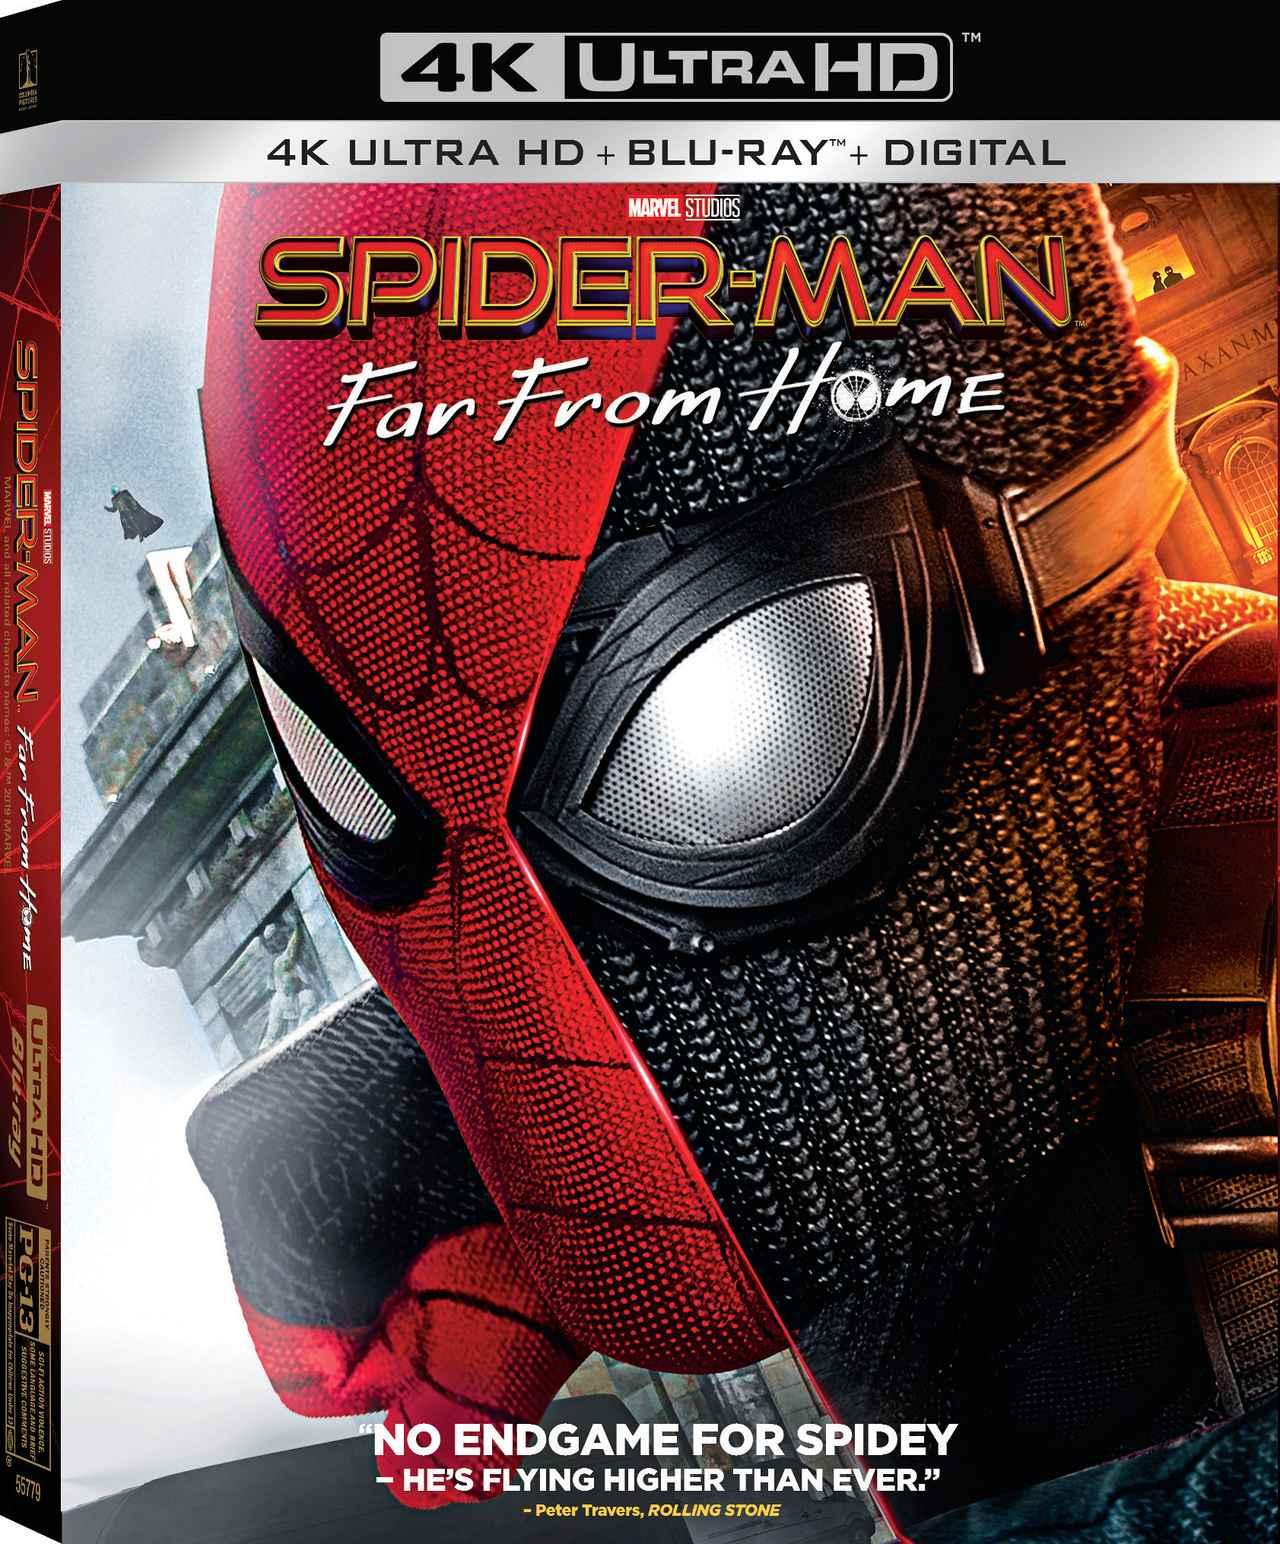 画像1: 新生スパイダー・マン・シリーズ第2弾『スパイダーマン:ファー・フロム・ホーム』【海外盤Blu-ray発売情報】